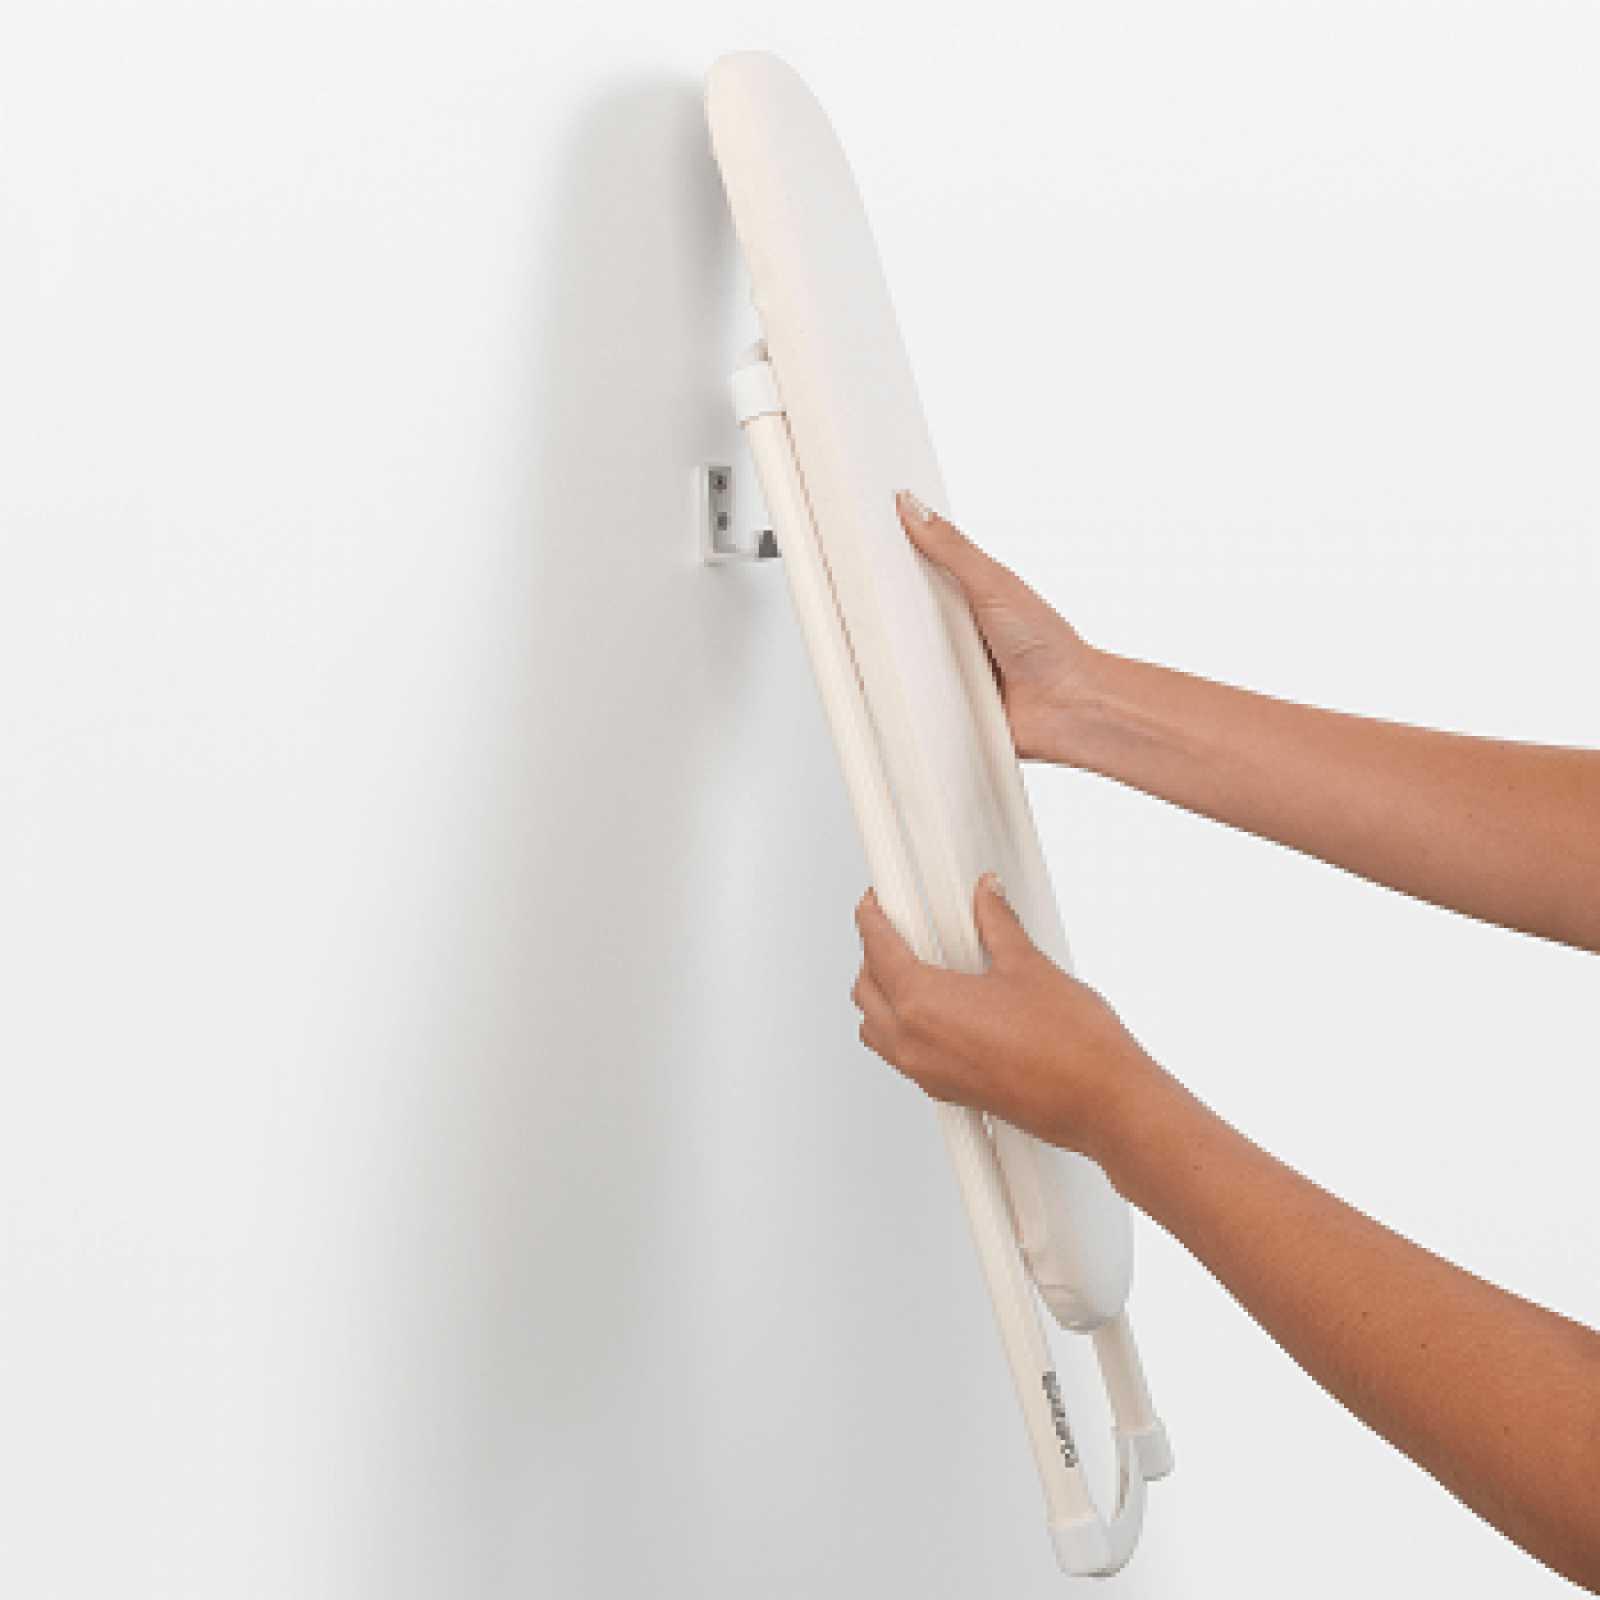 Доска для глажки рукавов Brabantia, 60x10 см, белый Brabantia 102400 фото 1